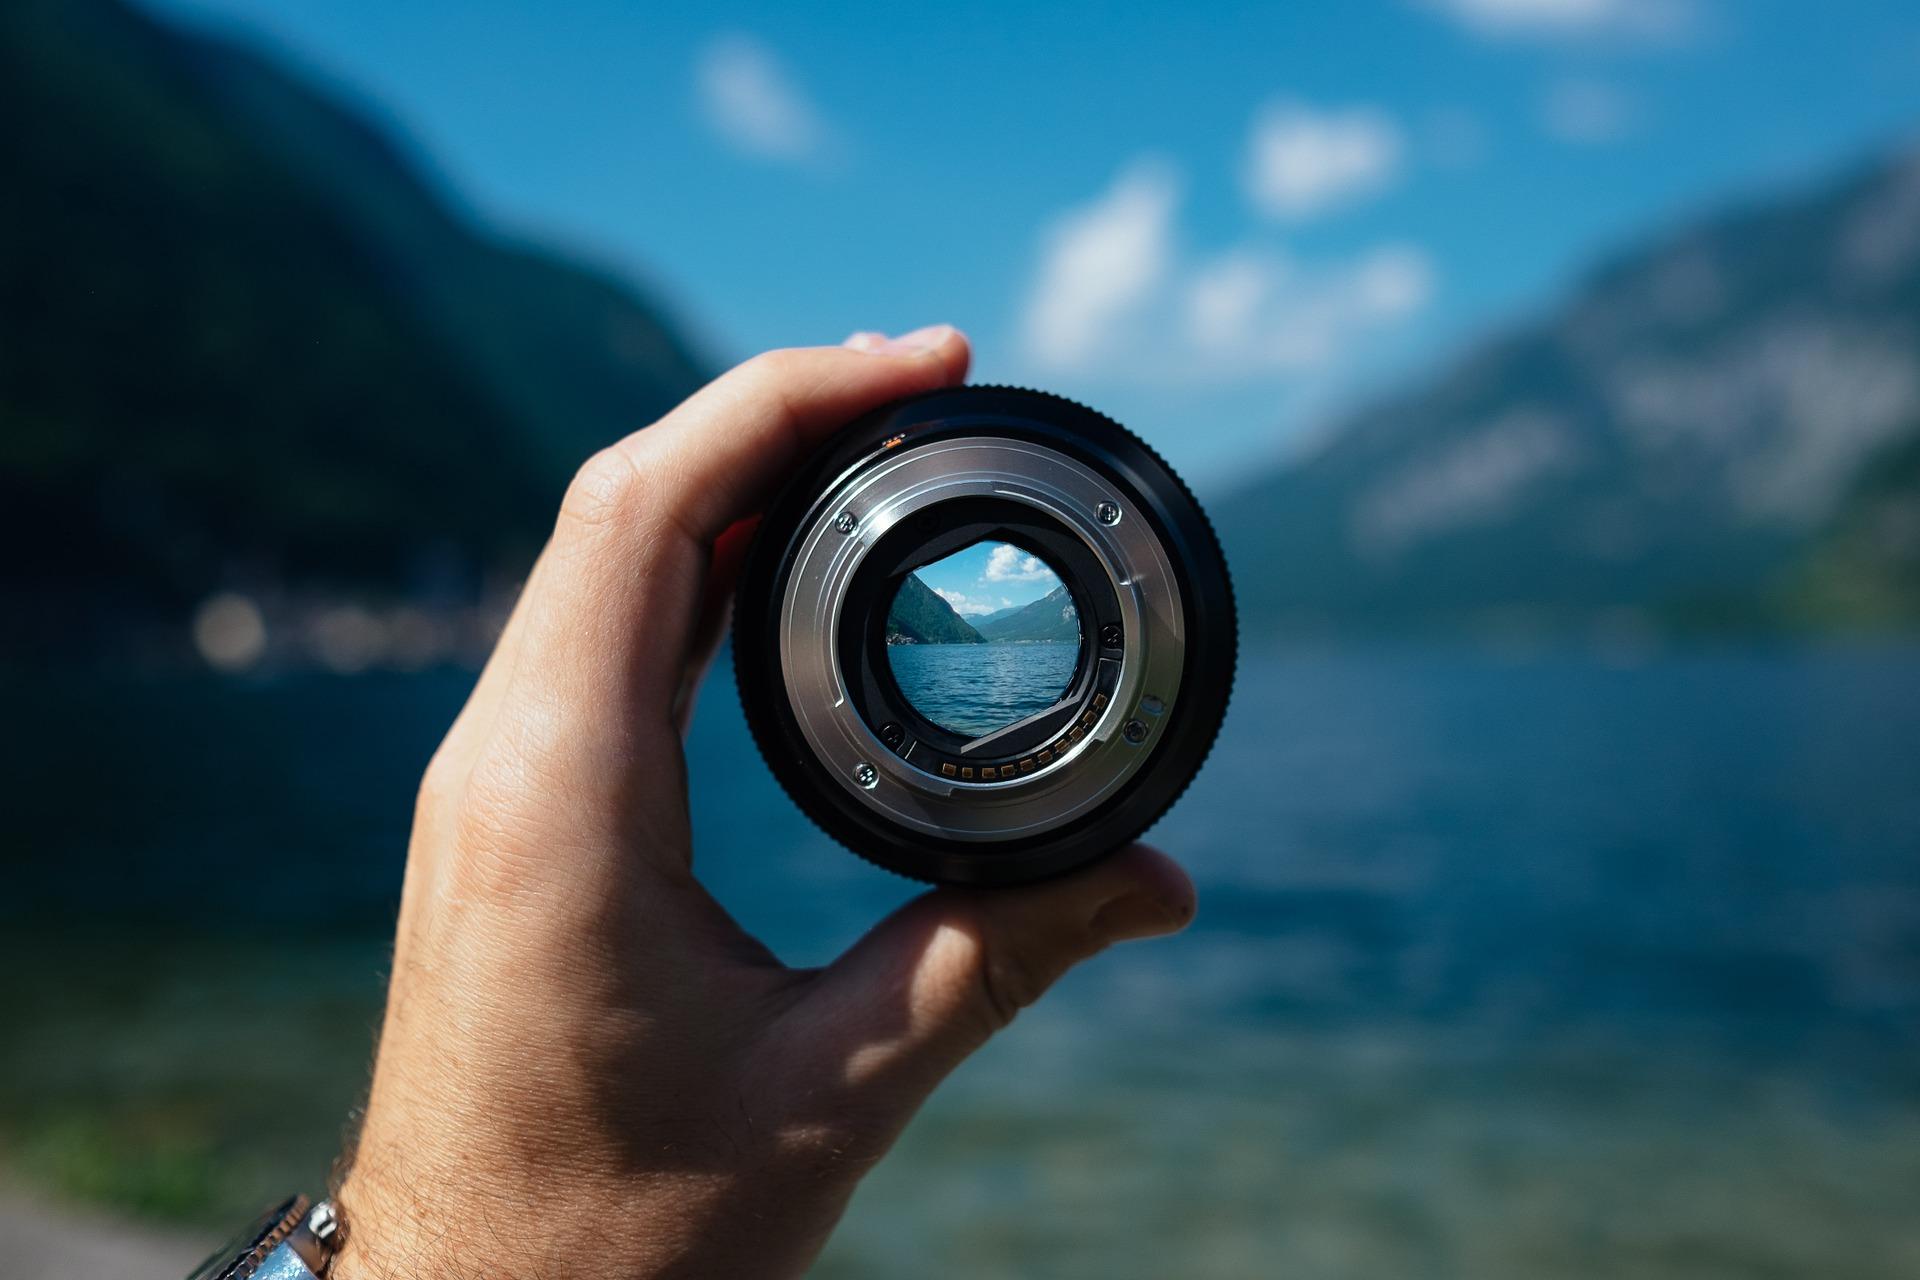 focus, refocus, focus again